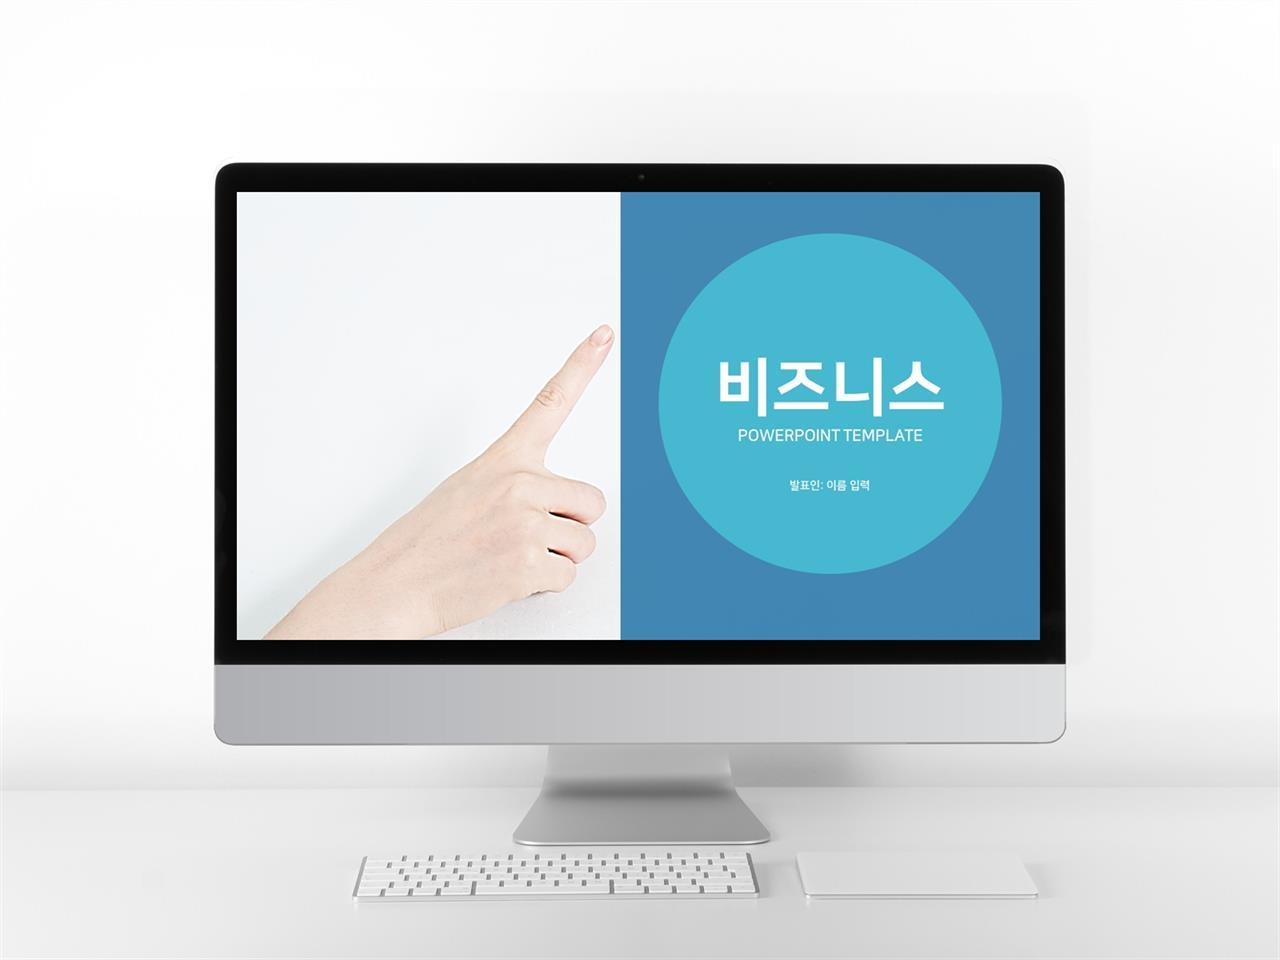 상업계획 블루 산뜻한 고급스럽운 PPT양식 사이트 미리보기